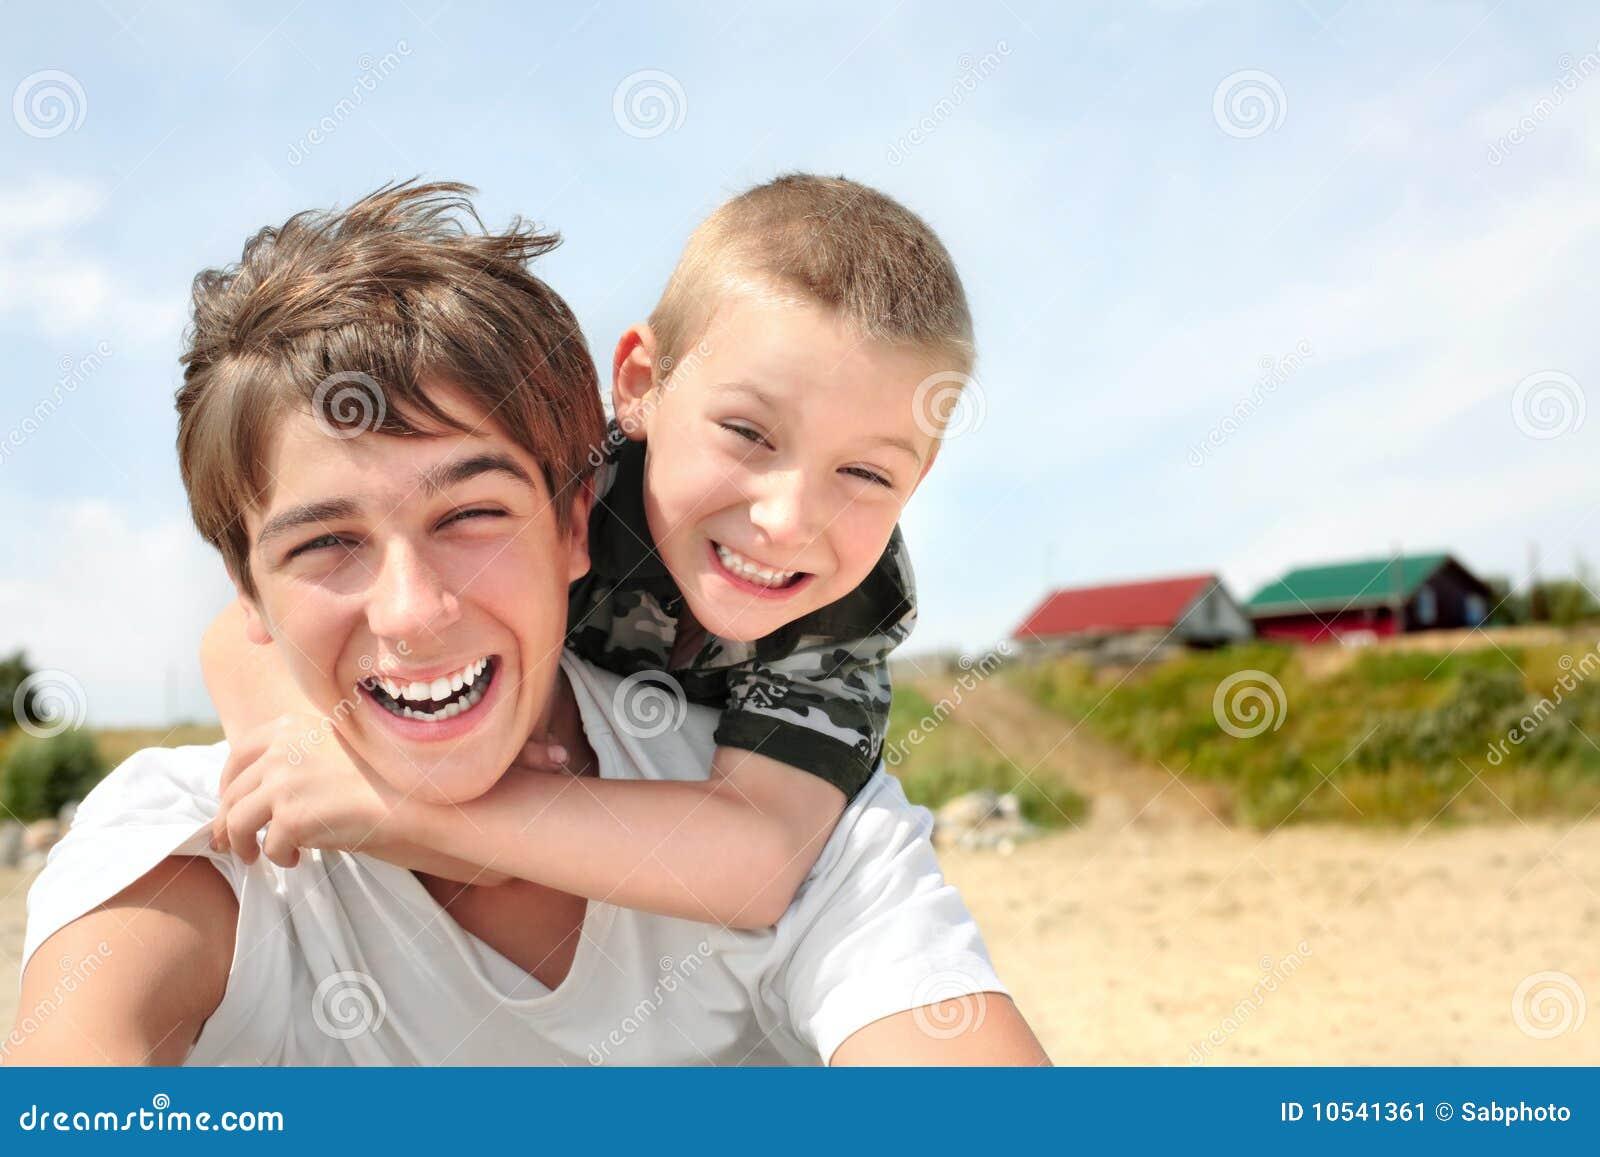 Фото русских мальчиков 9 фотография